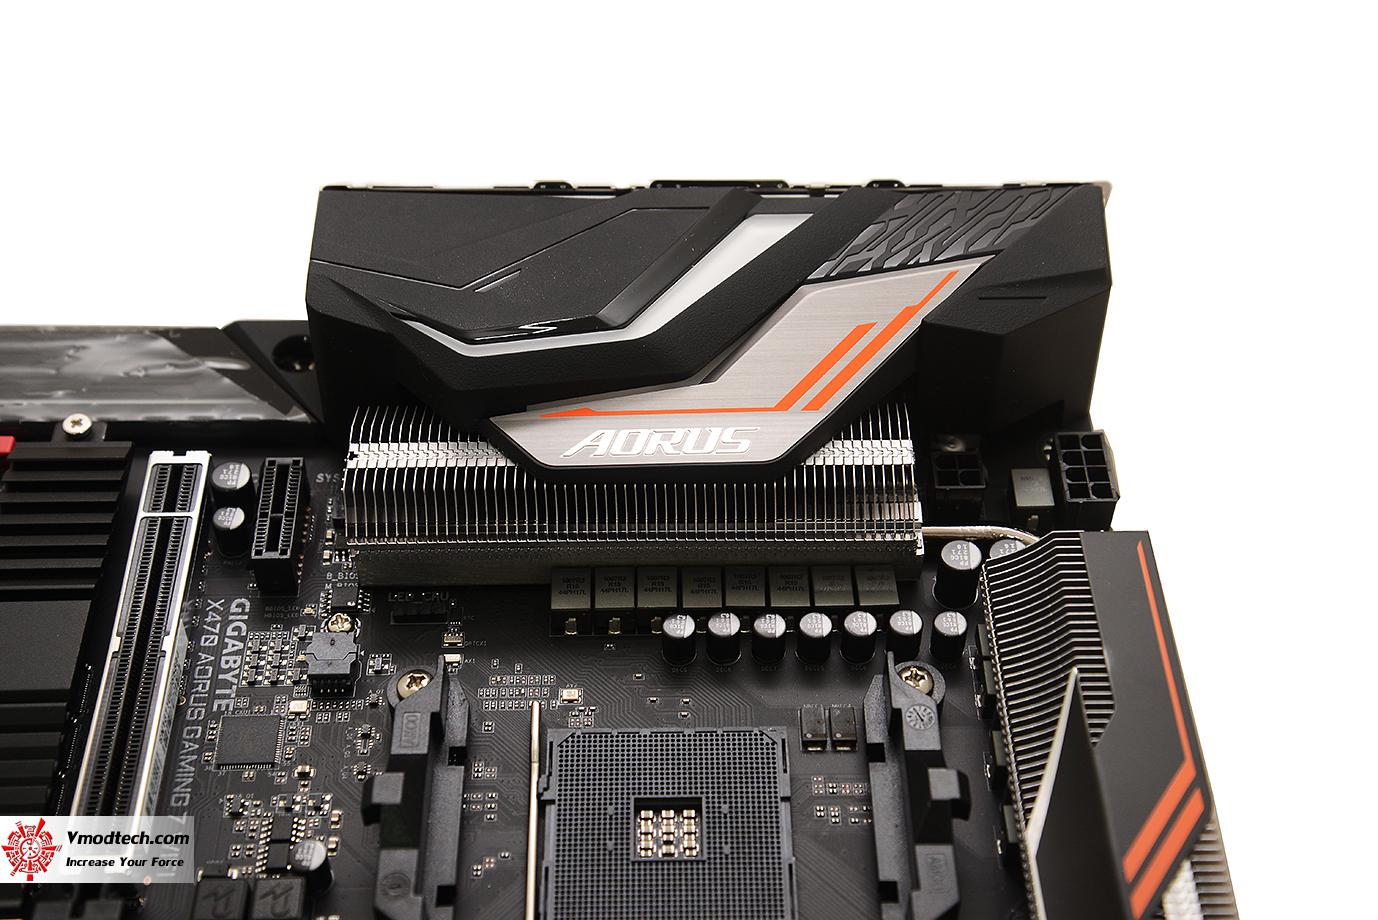 dsc 1332 AMD RYZEN 7 2700X PROCESSOR REVIEW